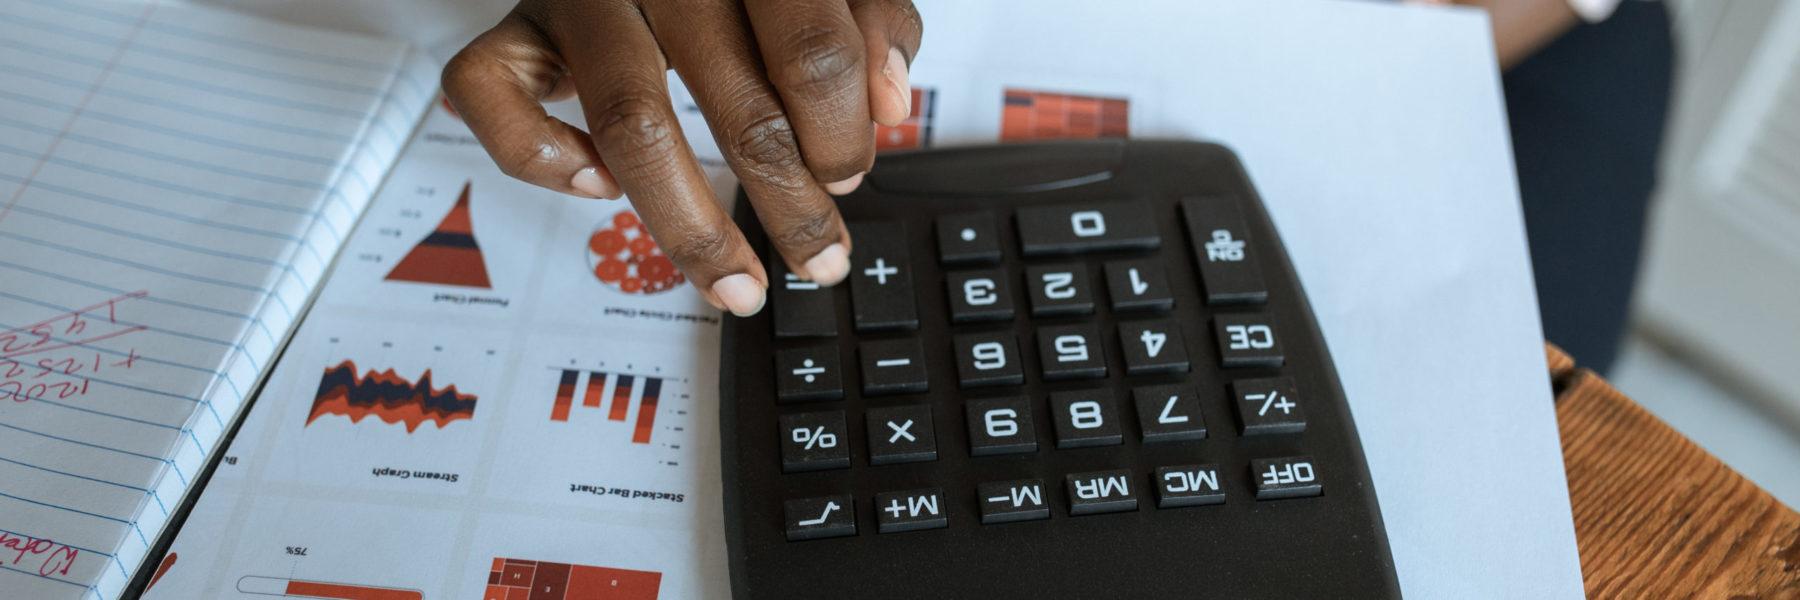 Person using black calculator